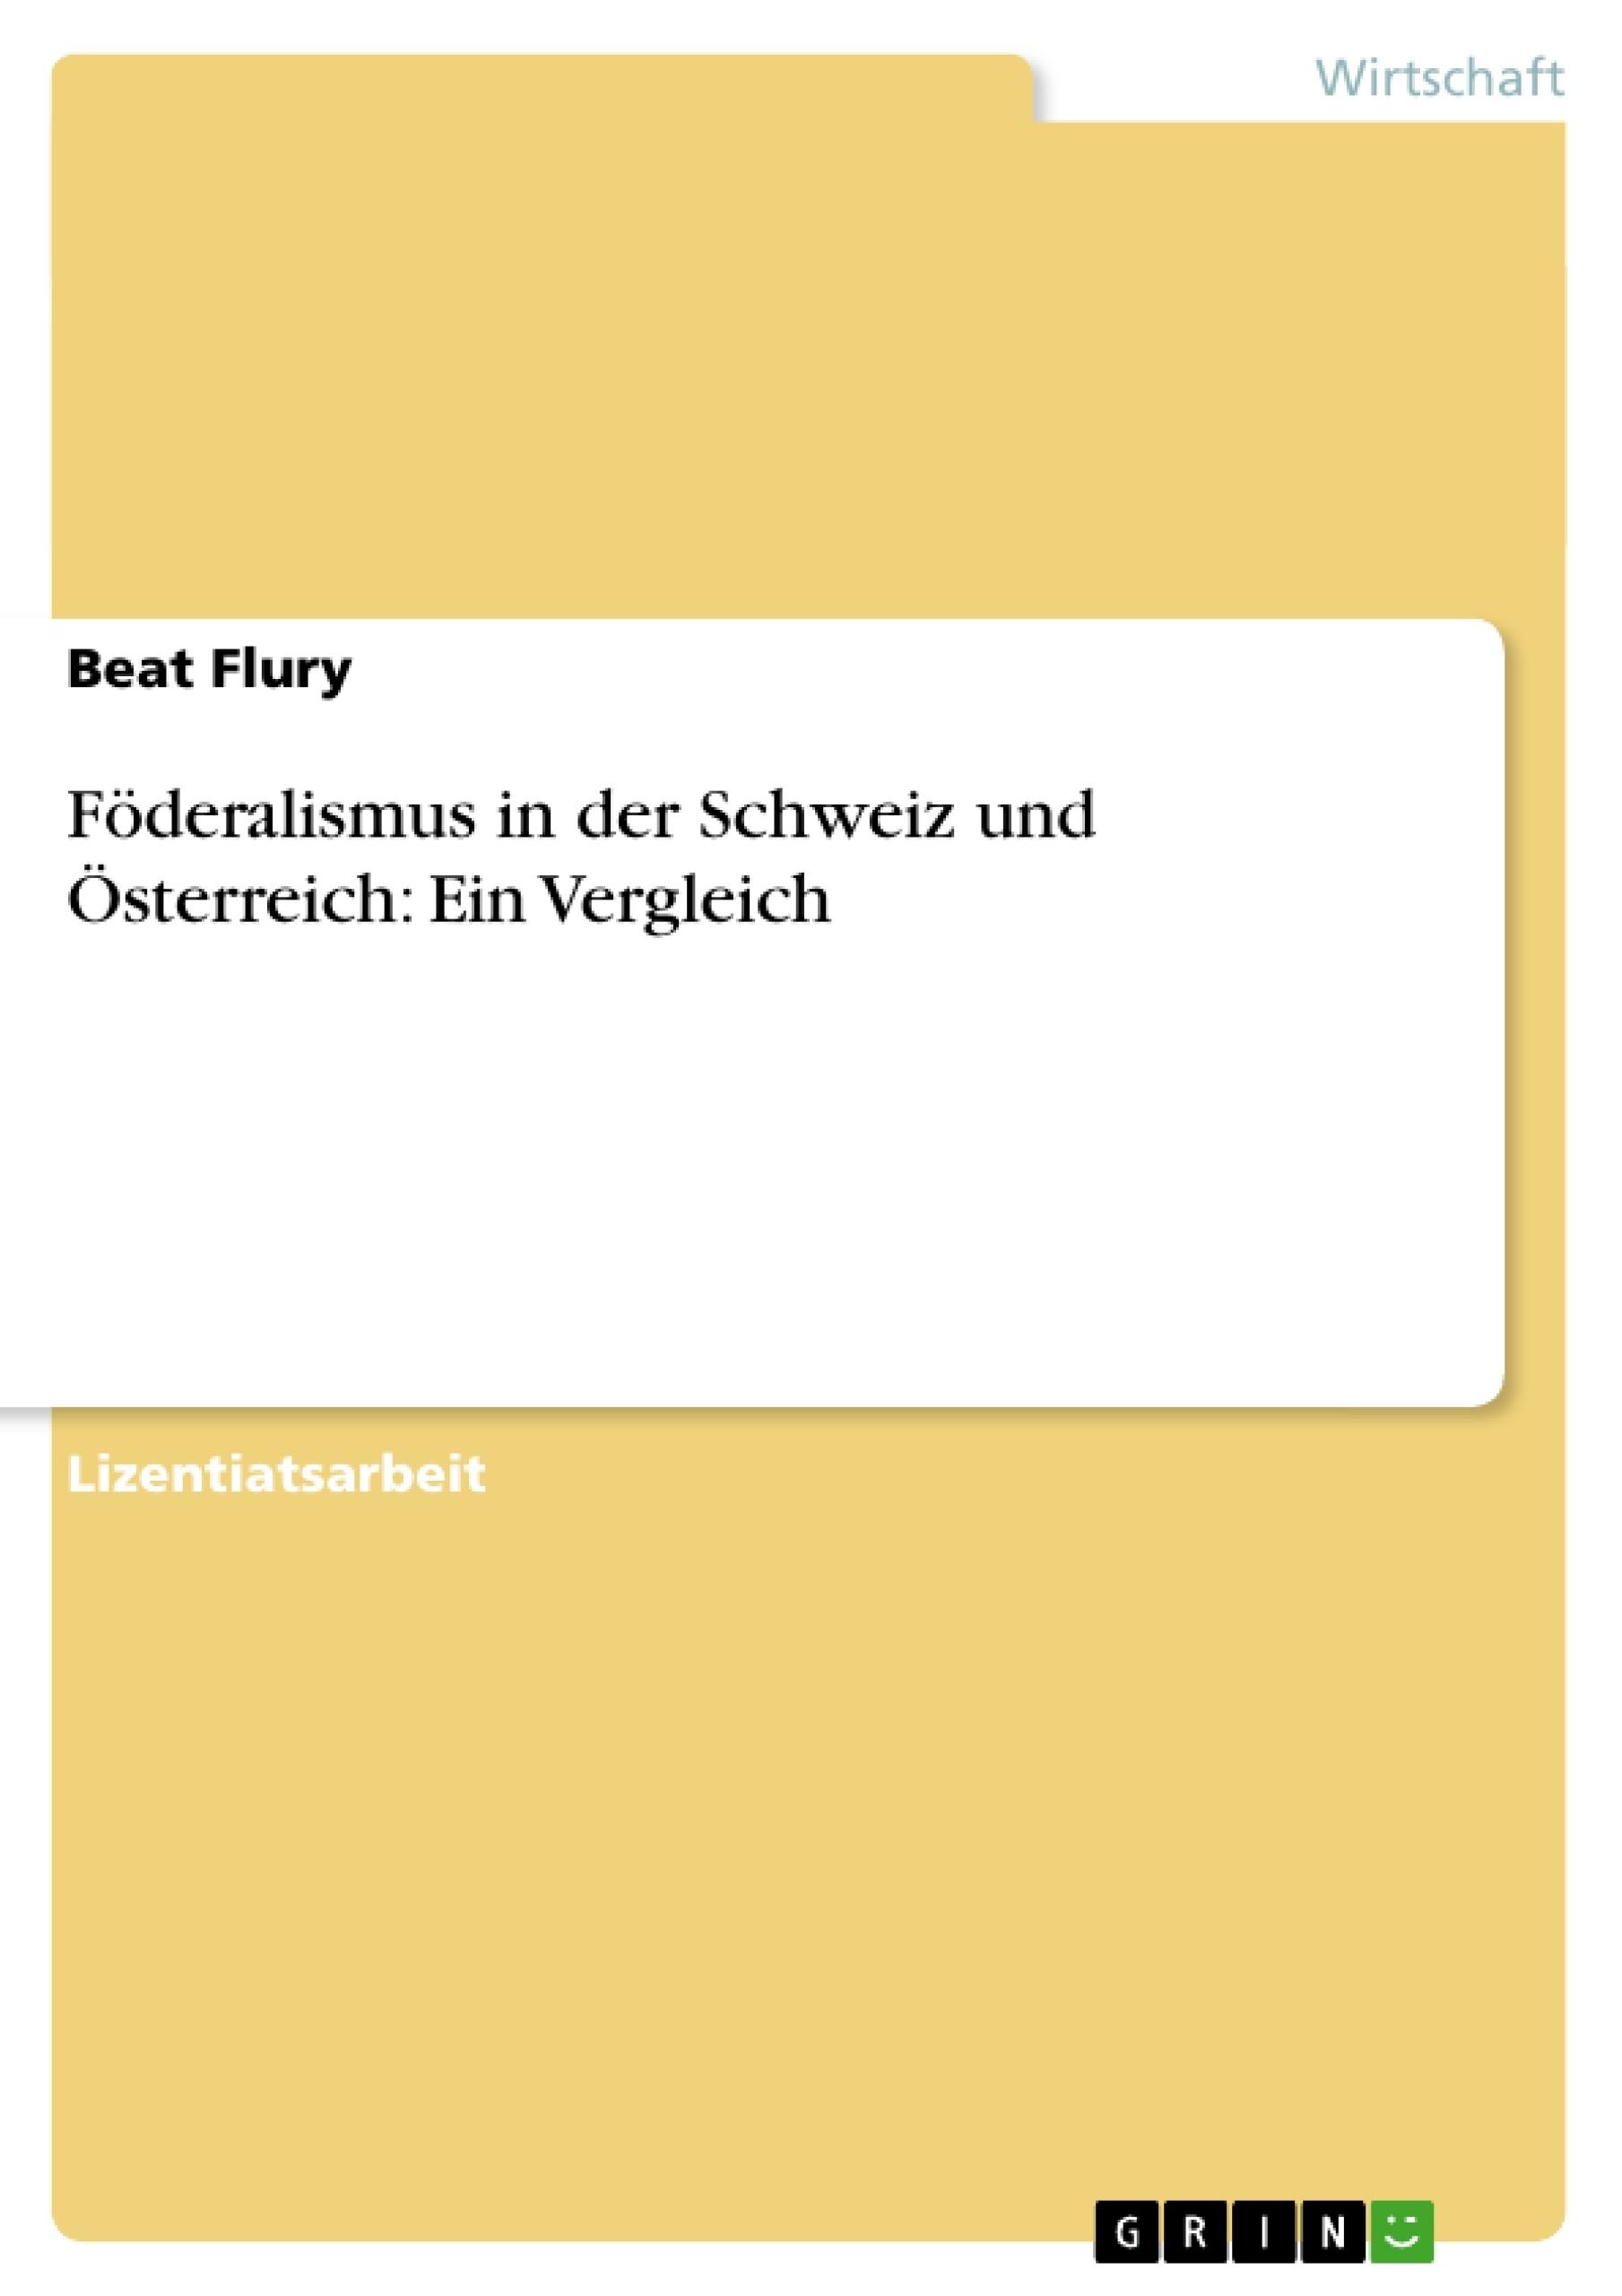 Titel: Föderalismus in der Schweiz und Österreich: Ein Vergleich